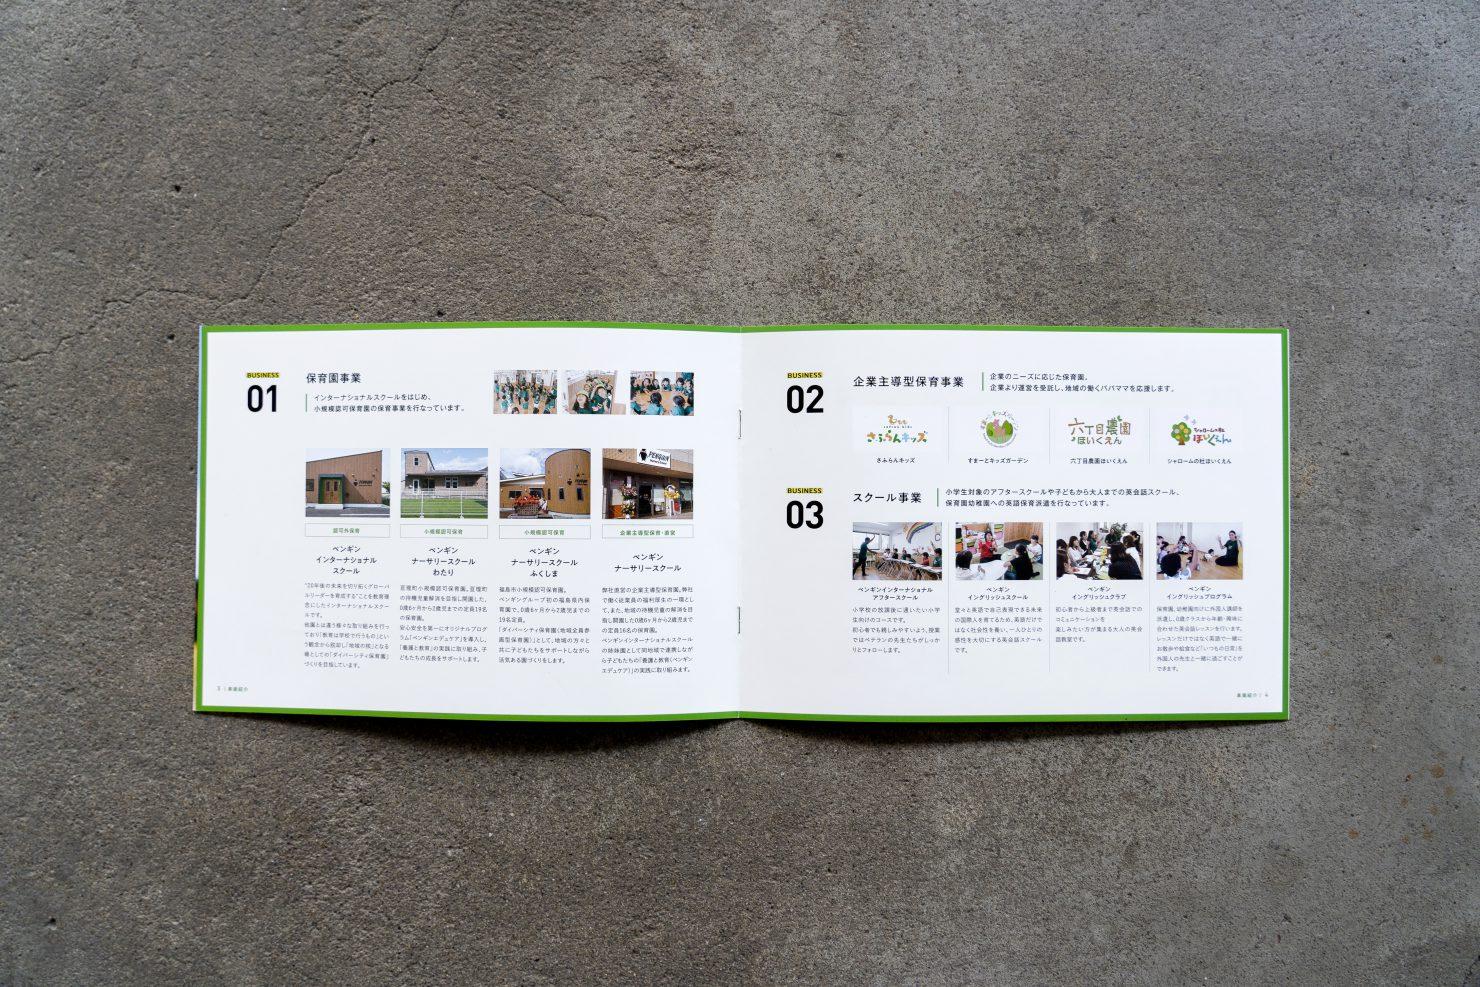 福島県郡山市|デザイン事務所|ワイアードブレインズ|制作事例